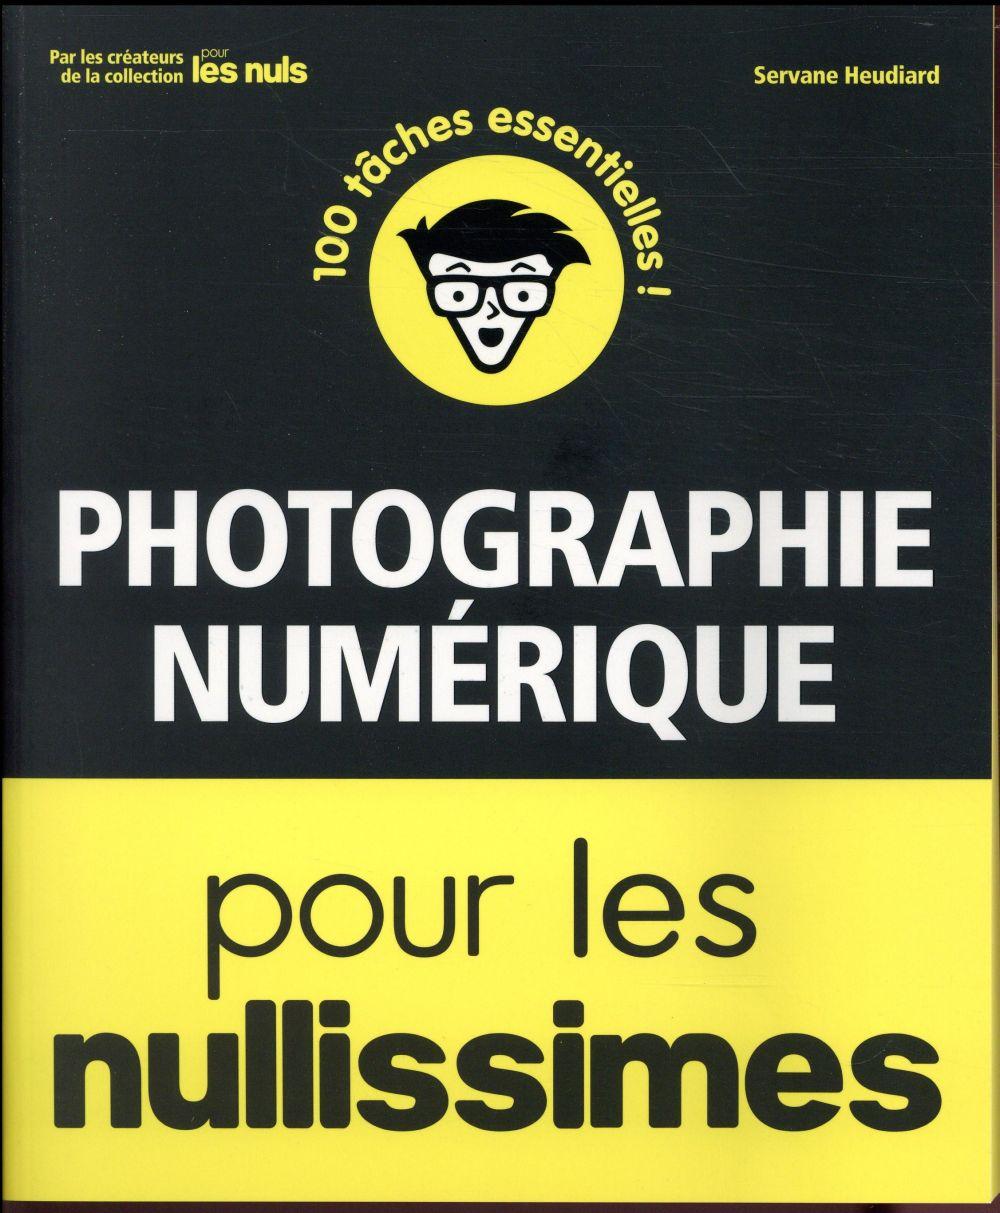 PHOTOGRAPHIE NUMERIQUE POUR LES NULLISSIMES